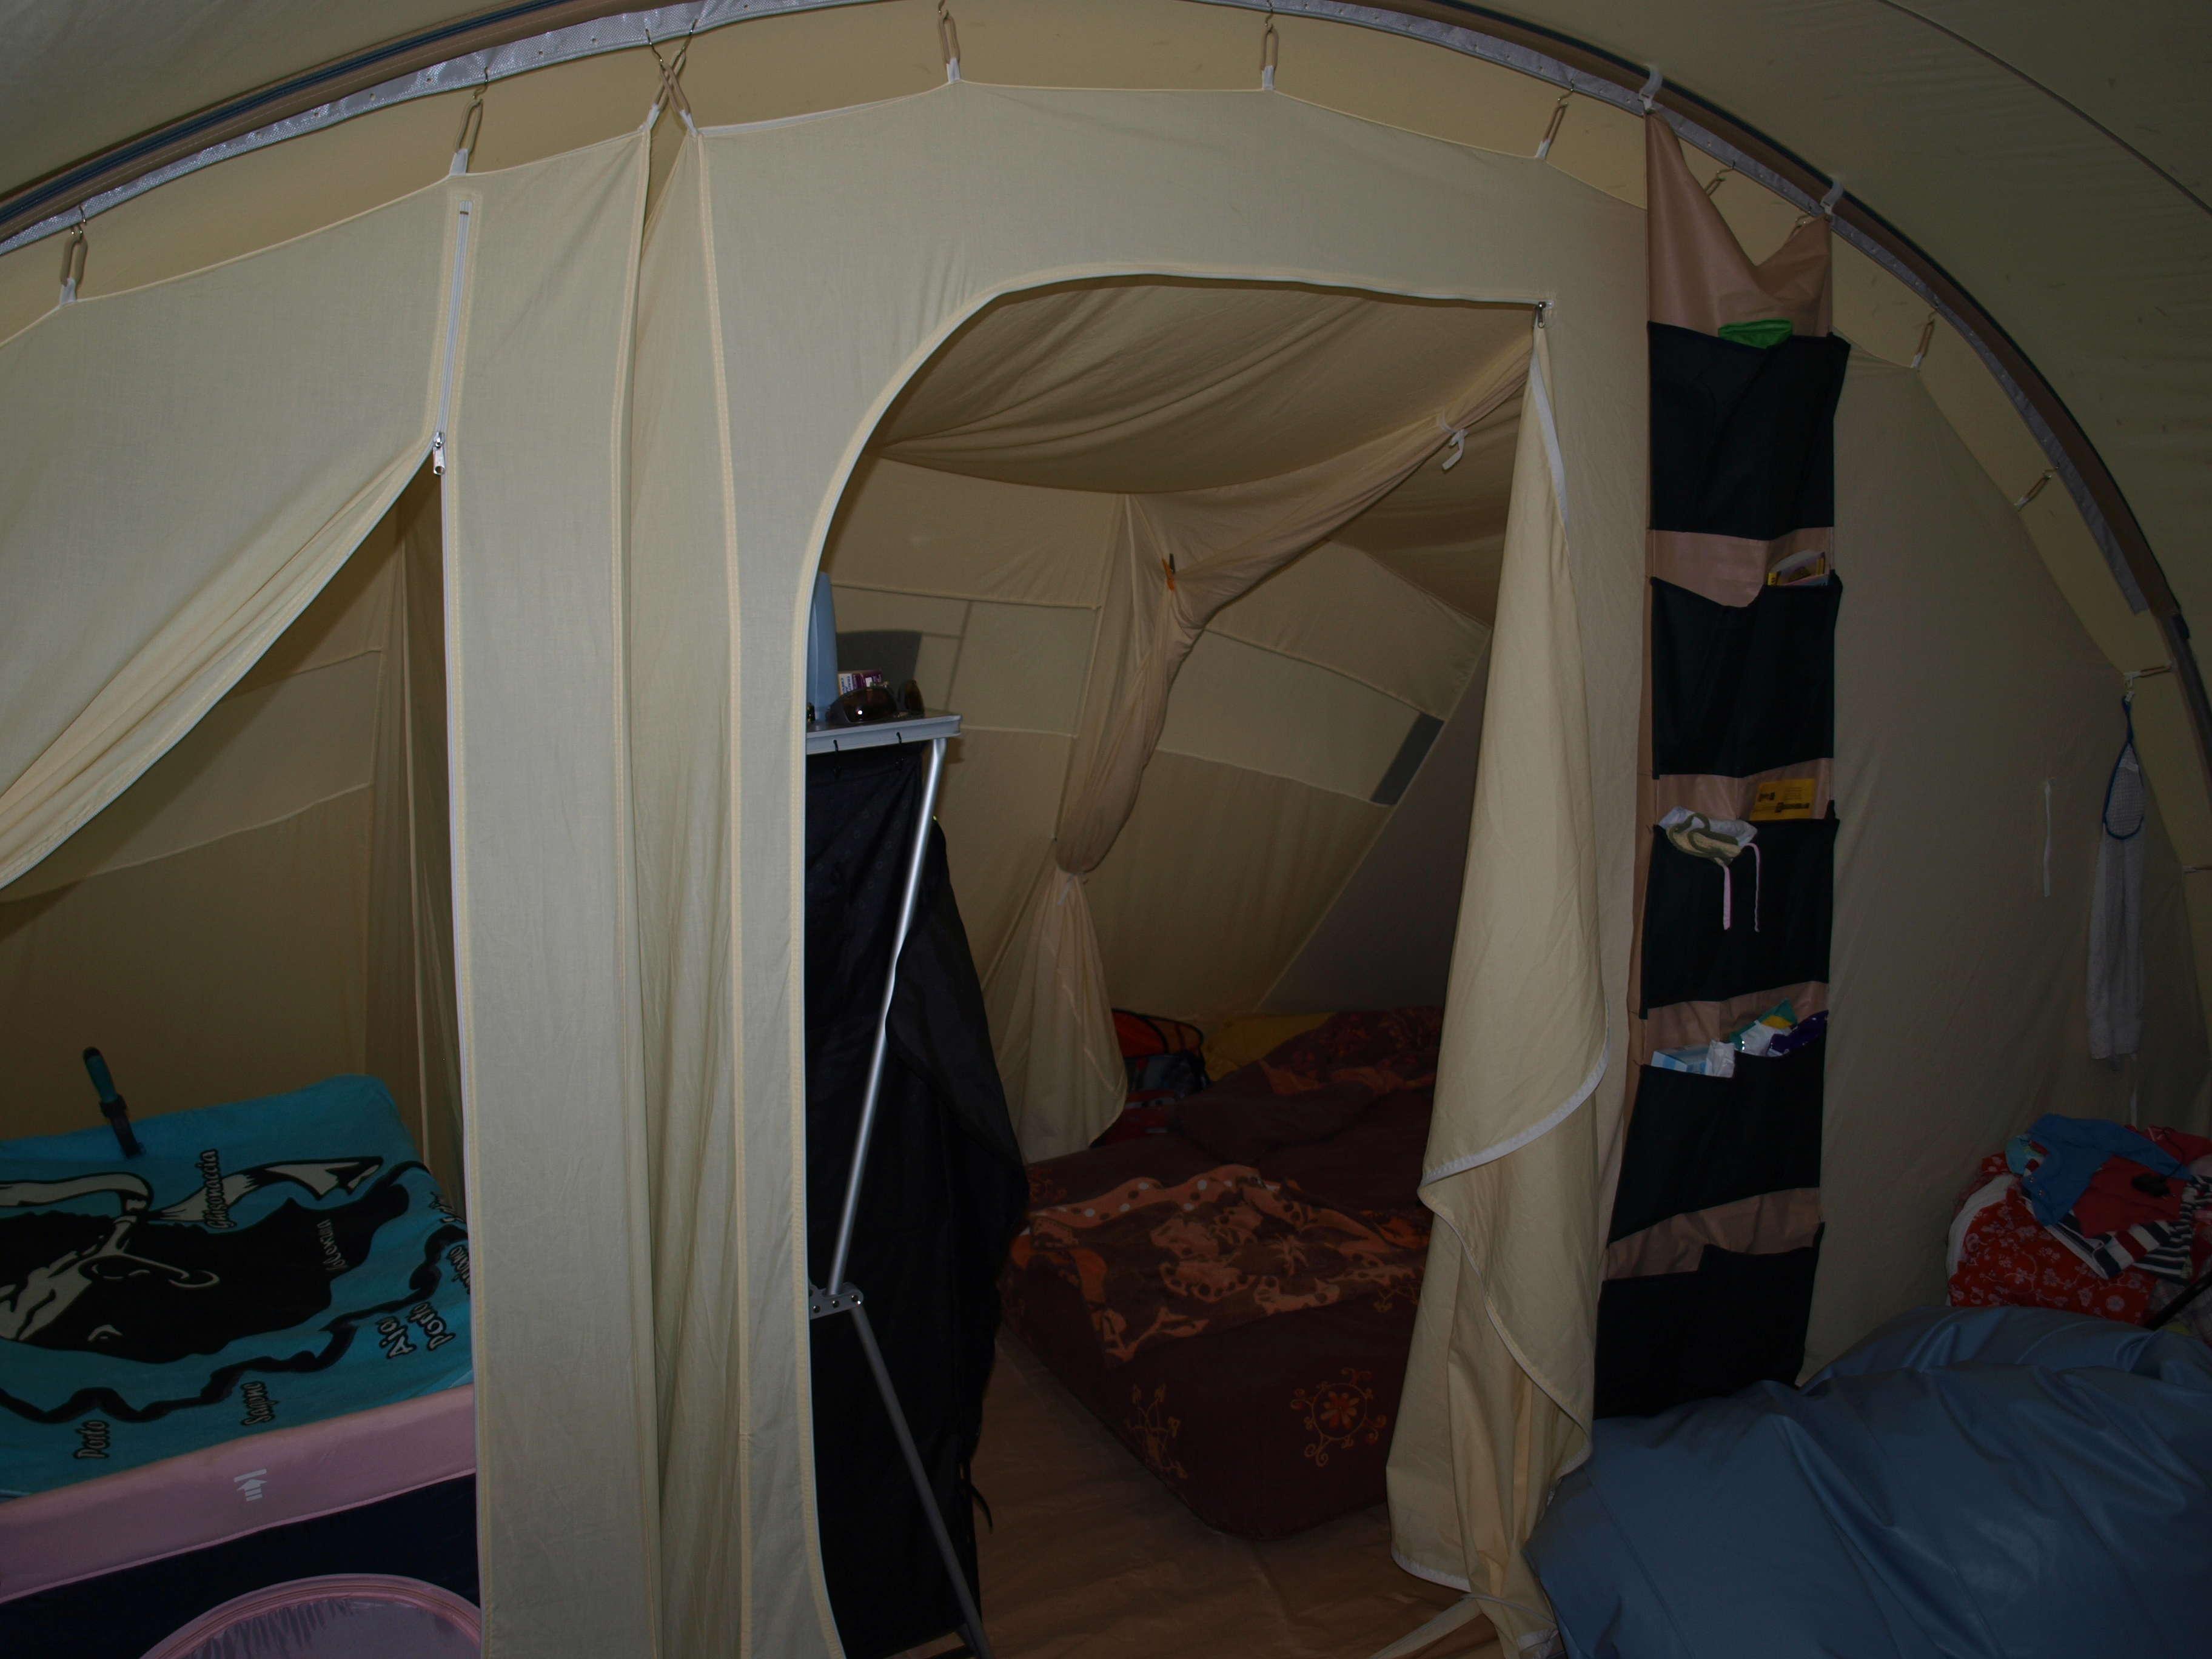 karsten - Long séjour sous une tente tunnel karsten  P8197311